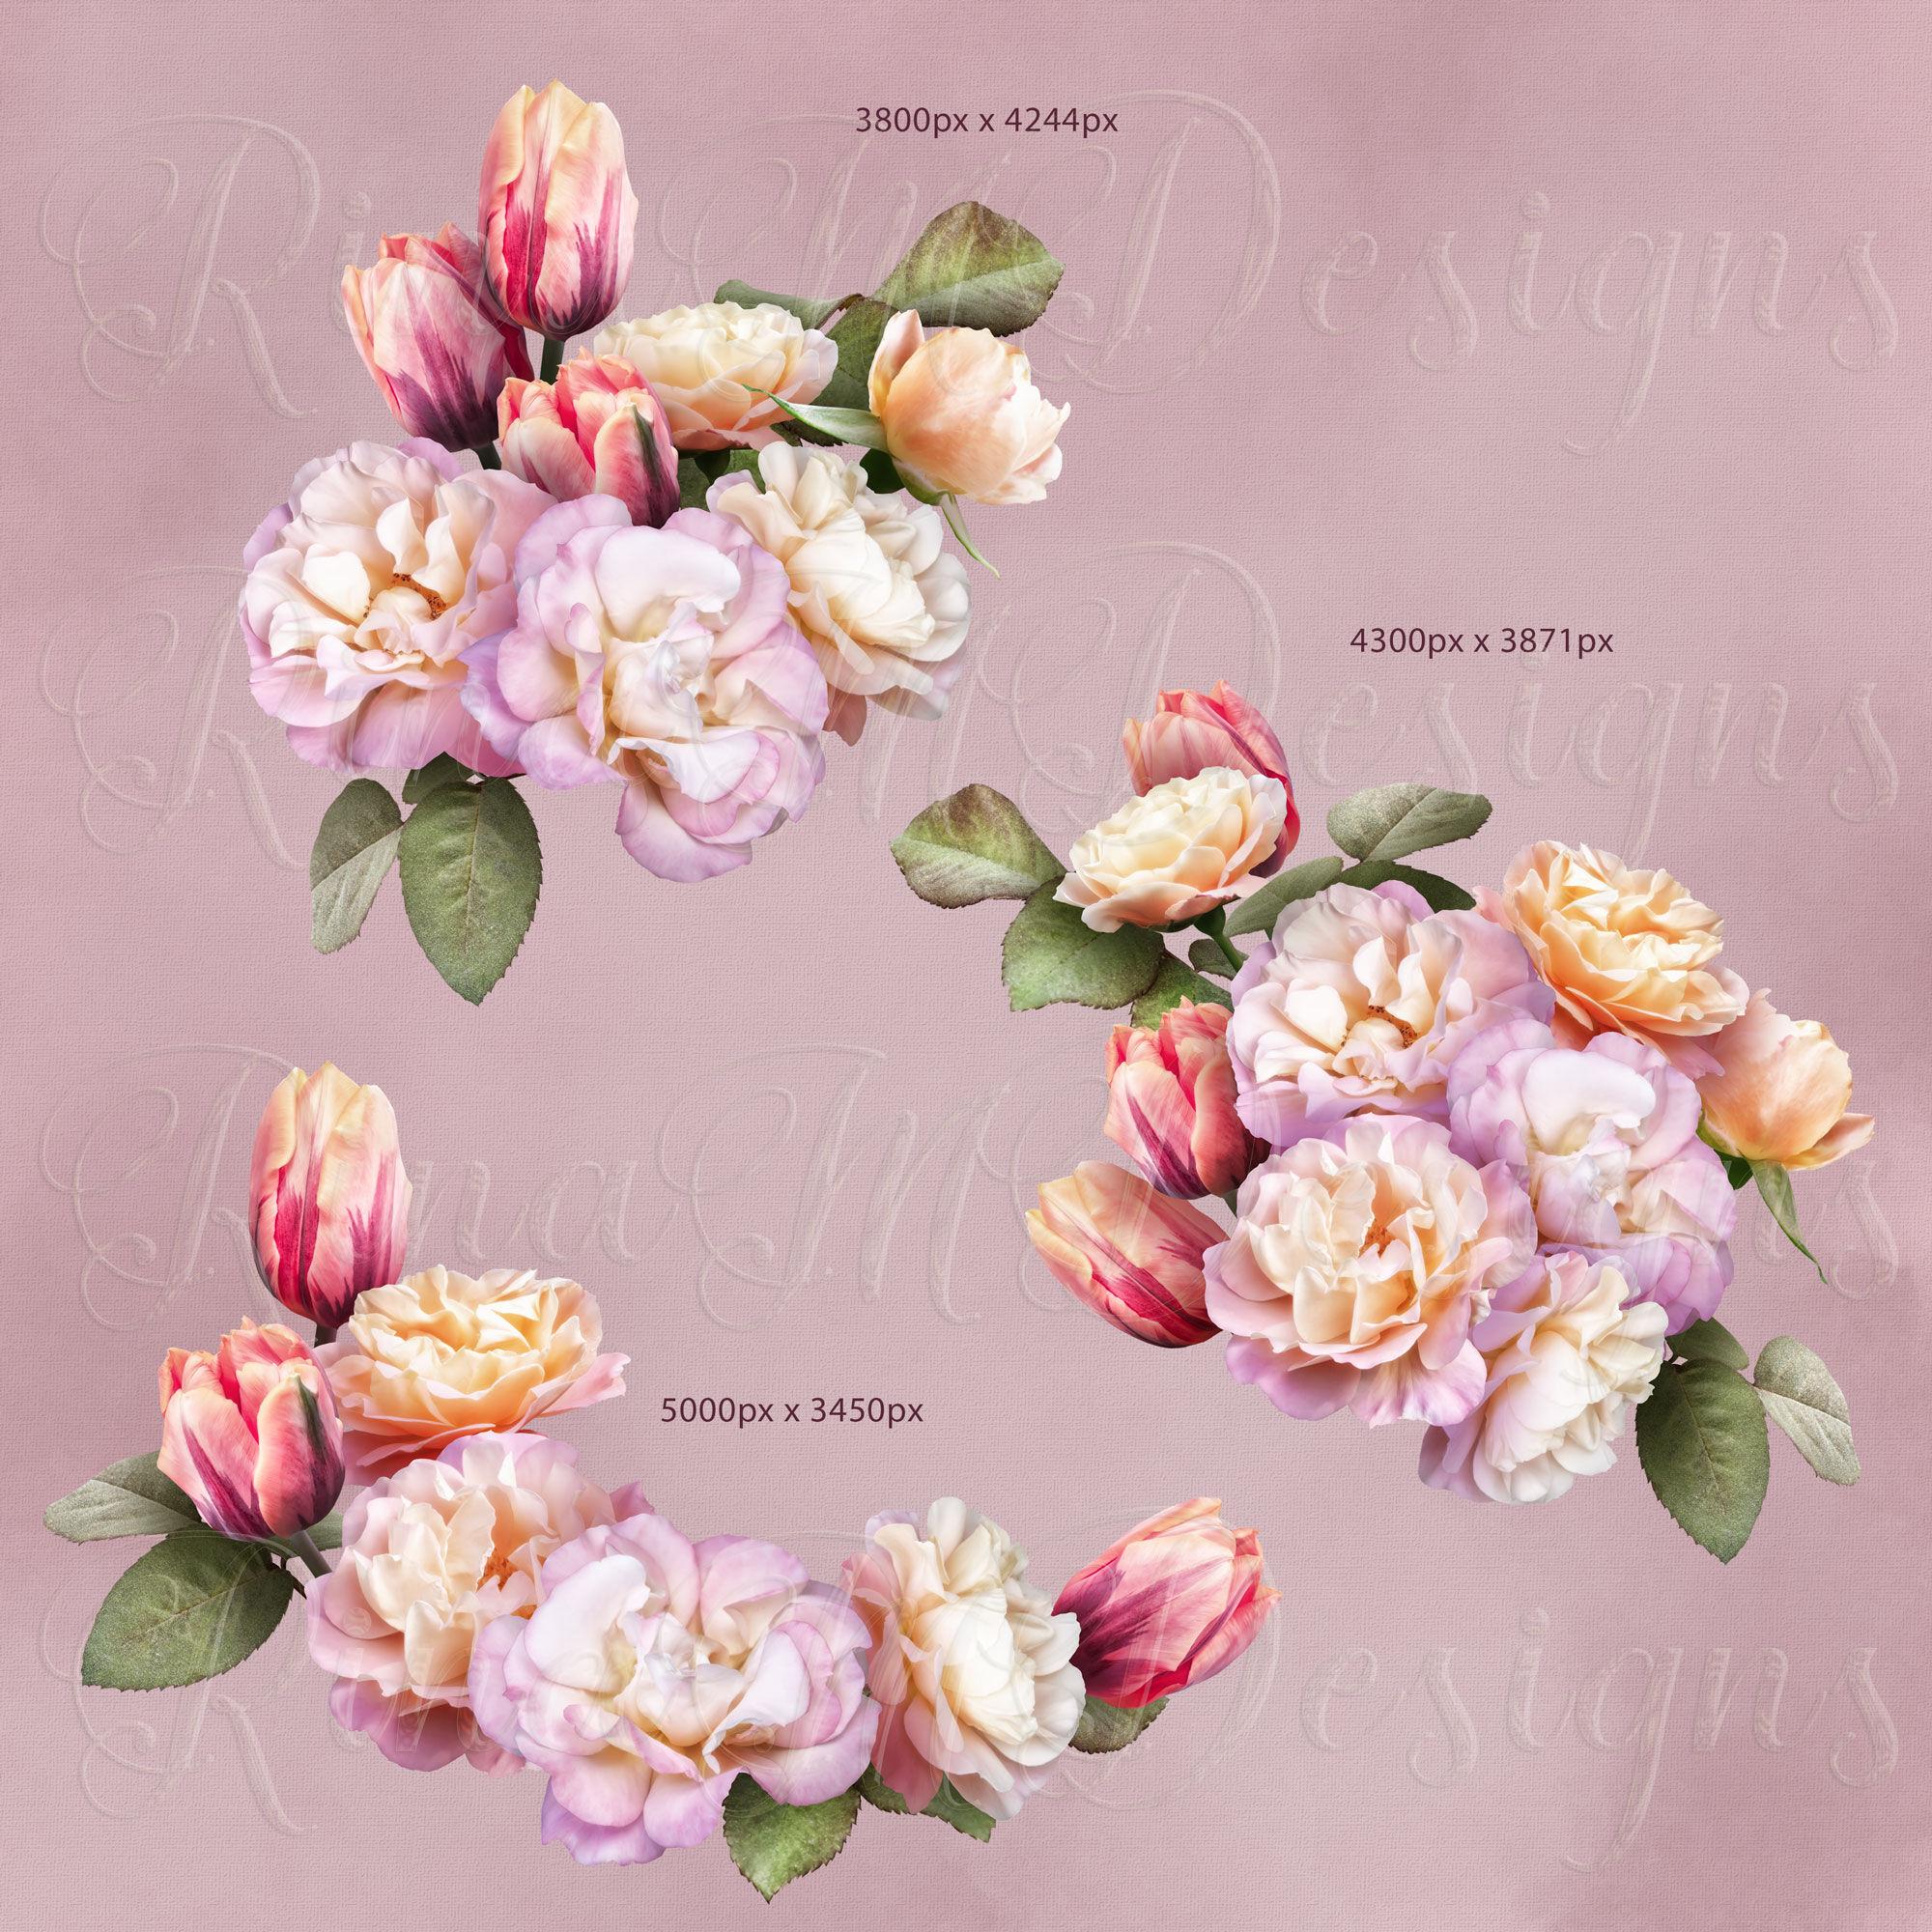 Tragbare Netzwerkgrafik Image Vine stock.xchng ClipArt - handbemalt Blumen  png herunterladen - 640*529 - Kostenlos transparent Blume png Herunterladen.